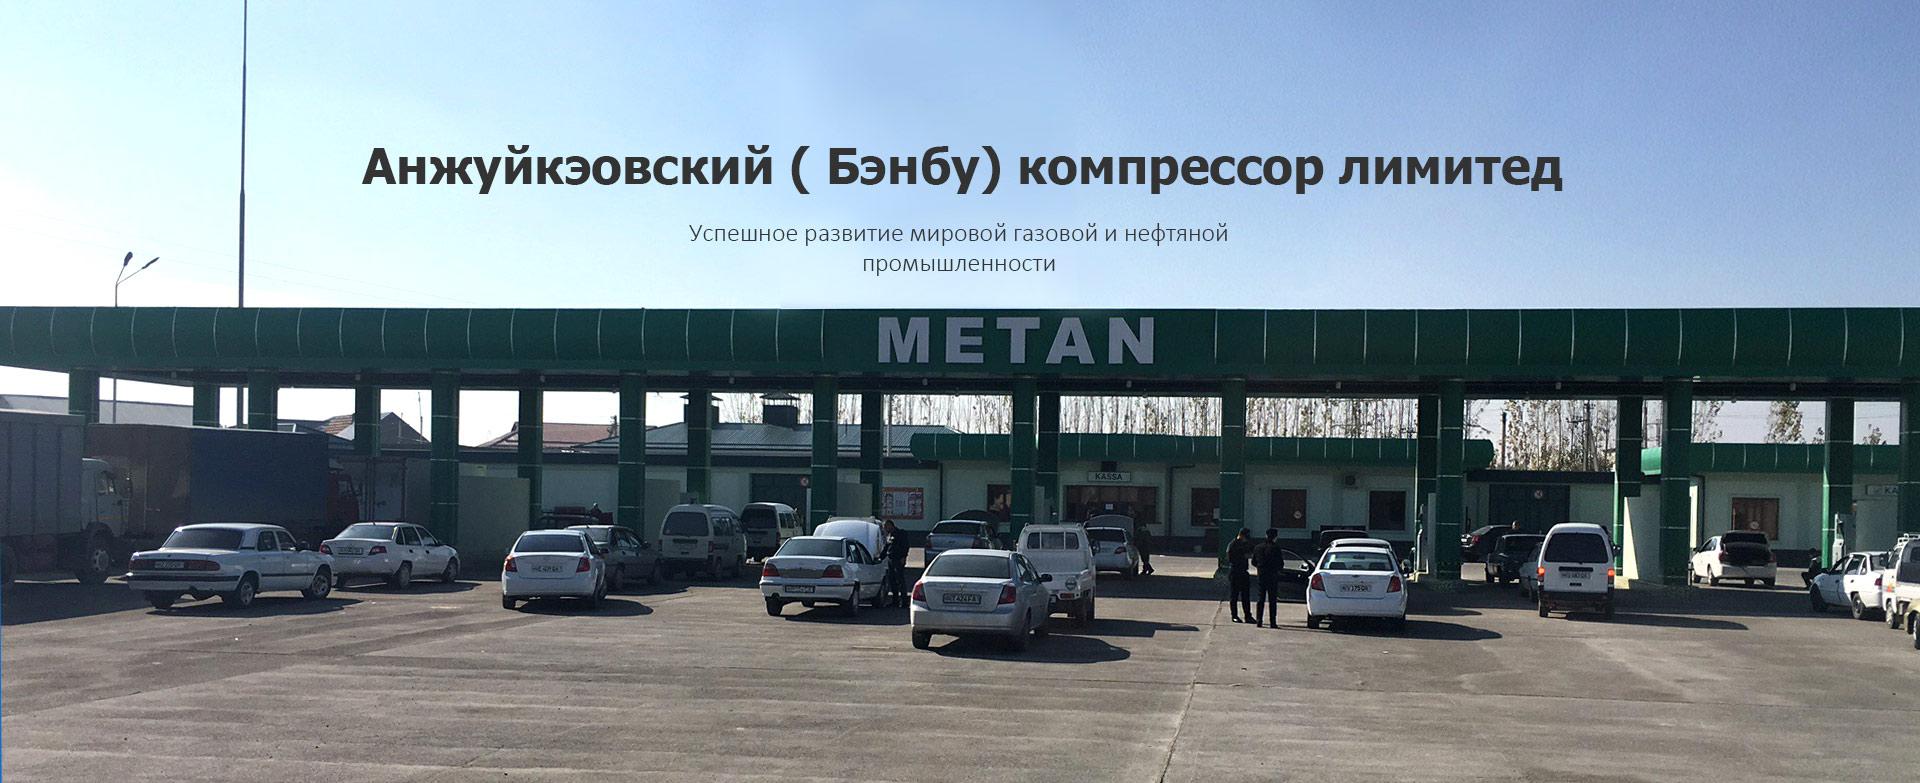 Анжуйкэовский ( Бэнбу) компрессор лимитед